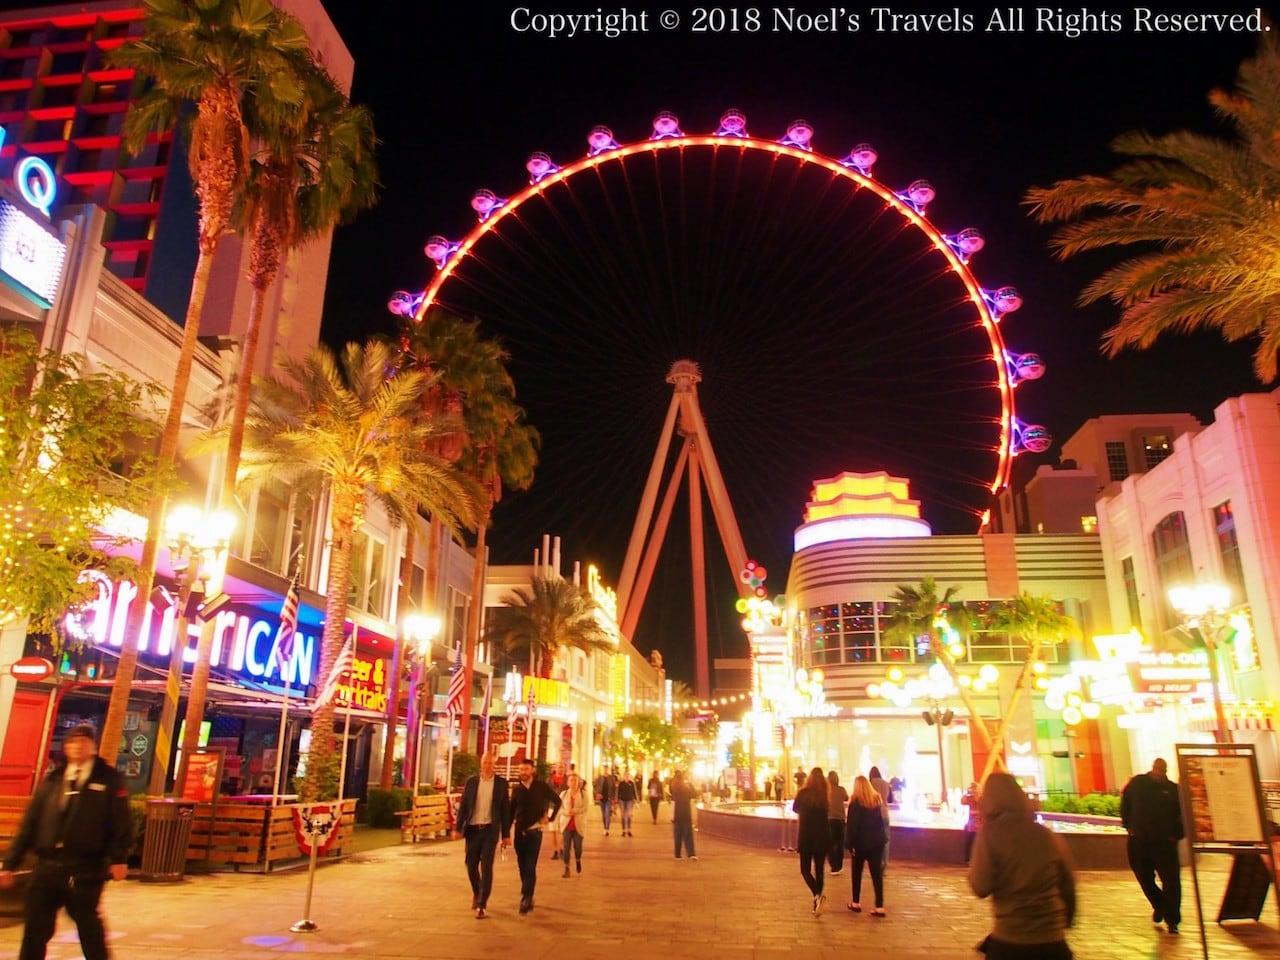 ラスベガスにある世界最大の観覧車「ハイローラー」